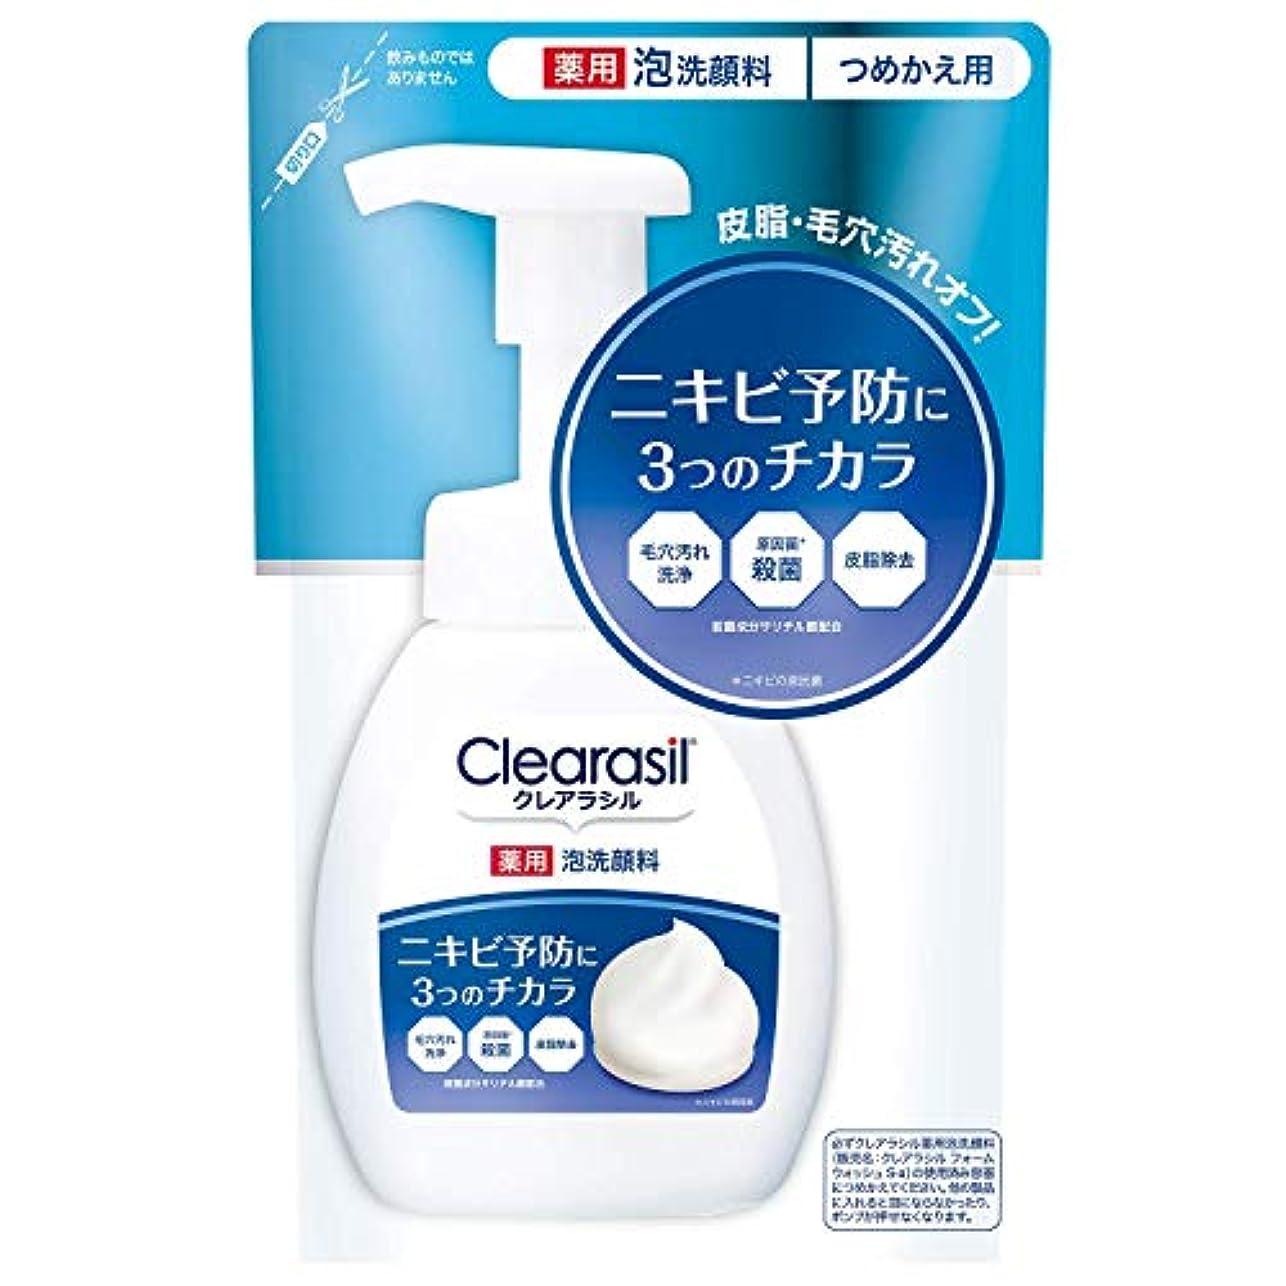 時刻表テンポ休憩するクレアラシル 薬用泡洗顔フォーム10X 180ml ×2セット